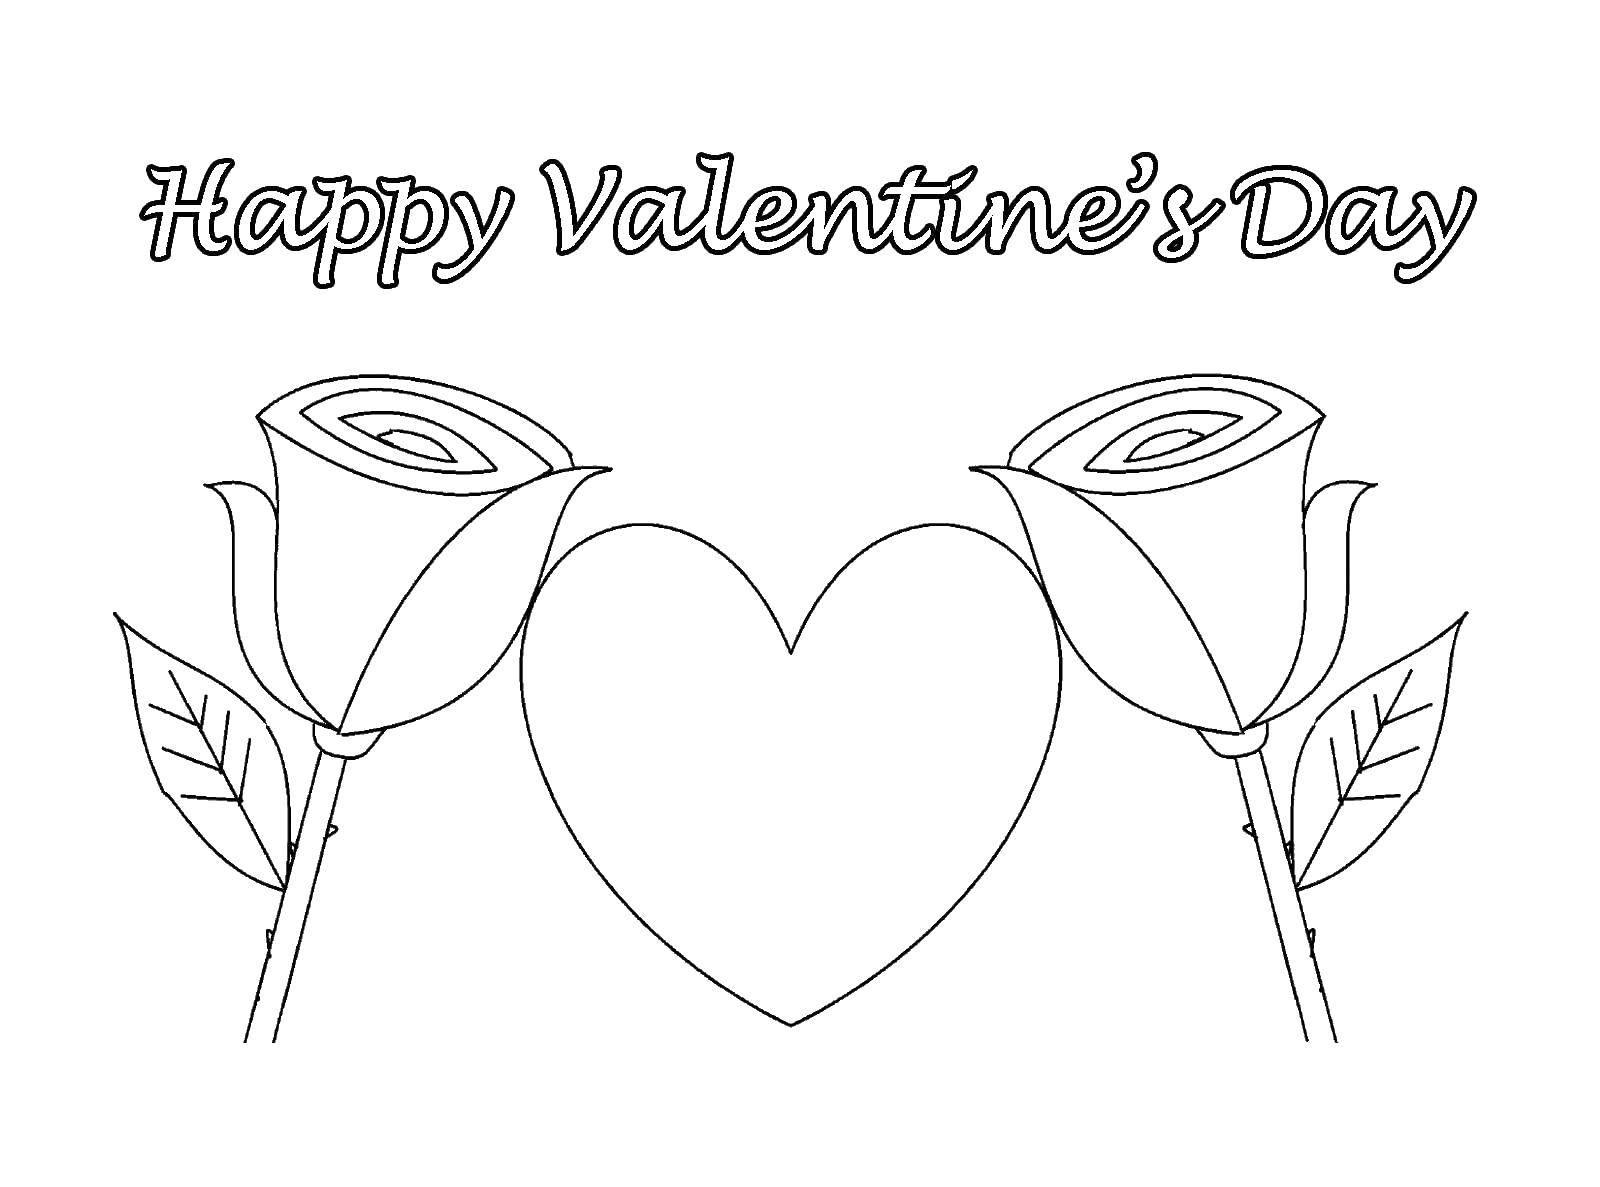 Раскраска Открытка на день святого валентина Скачать поздравление, День святого валентина.  Распечатать ,День святого валентина,